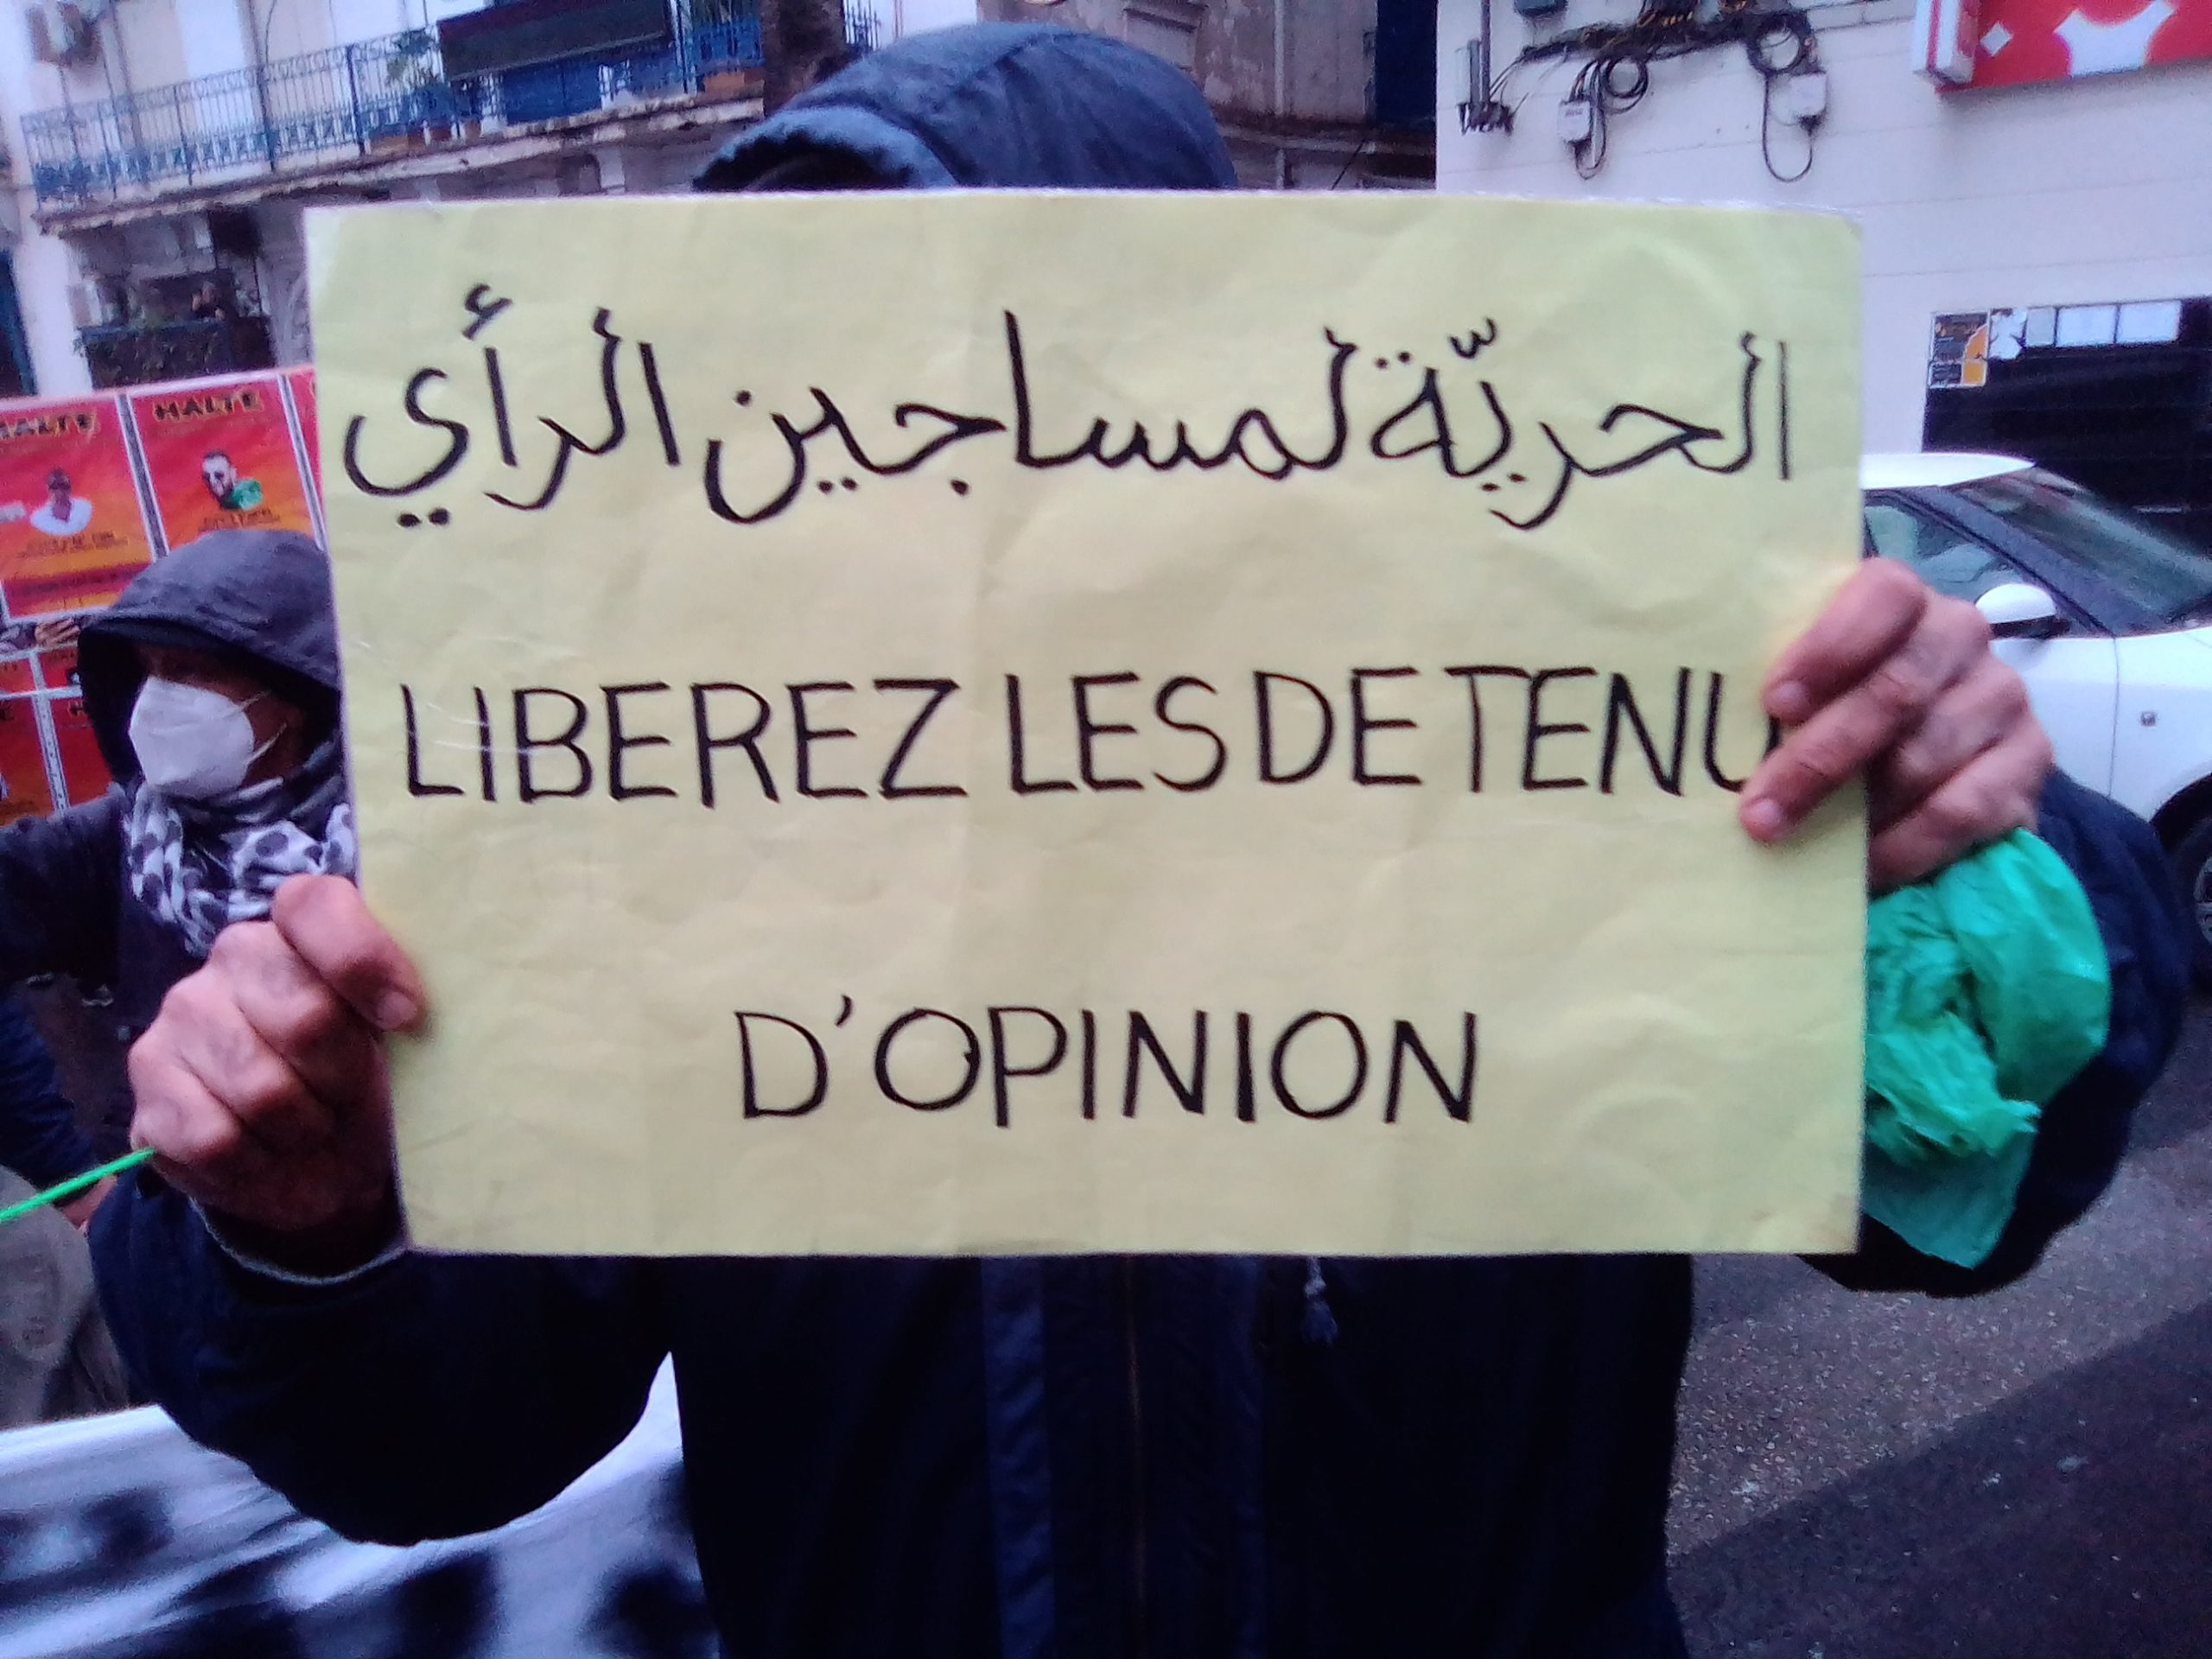 Vendredi 113 : La rue  mobilisée pour la libération des détenus d'opinion